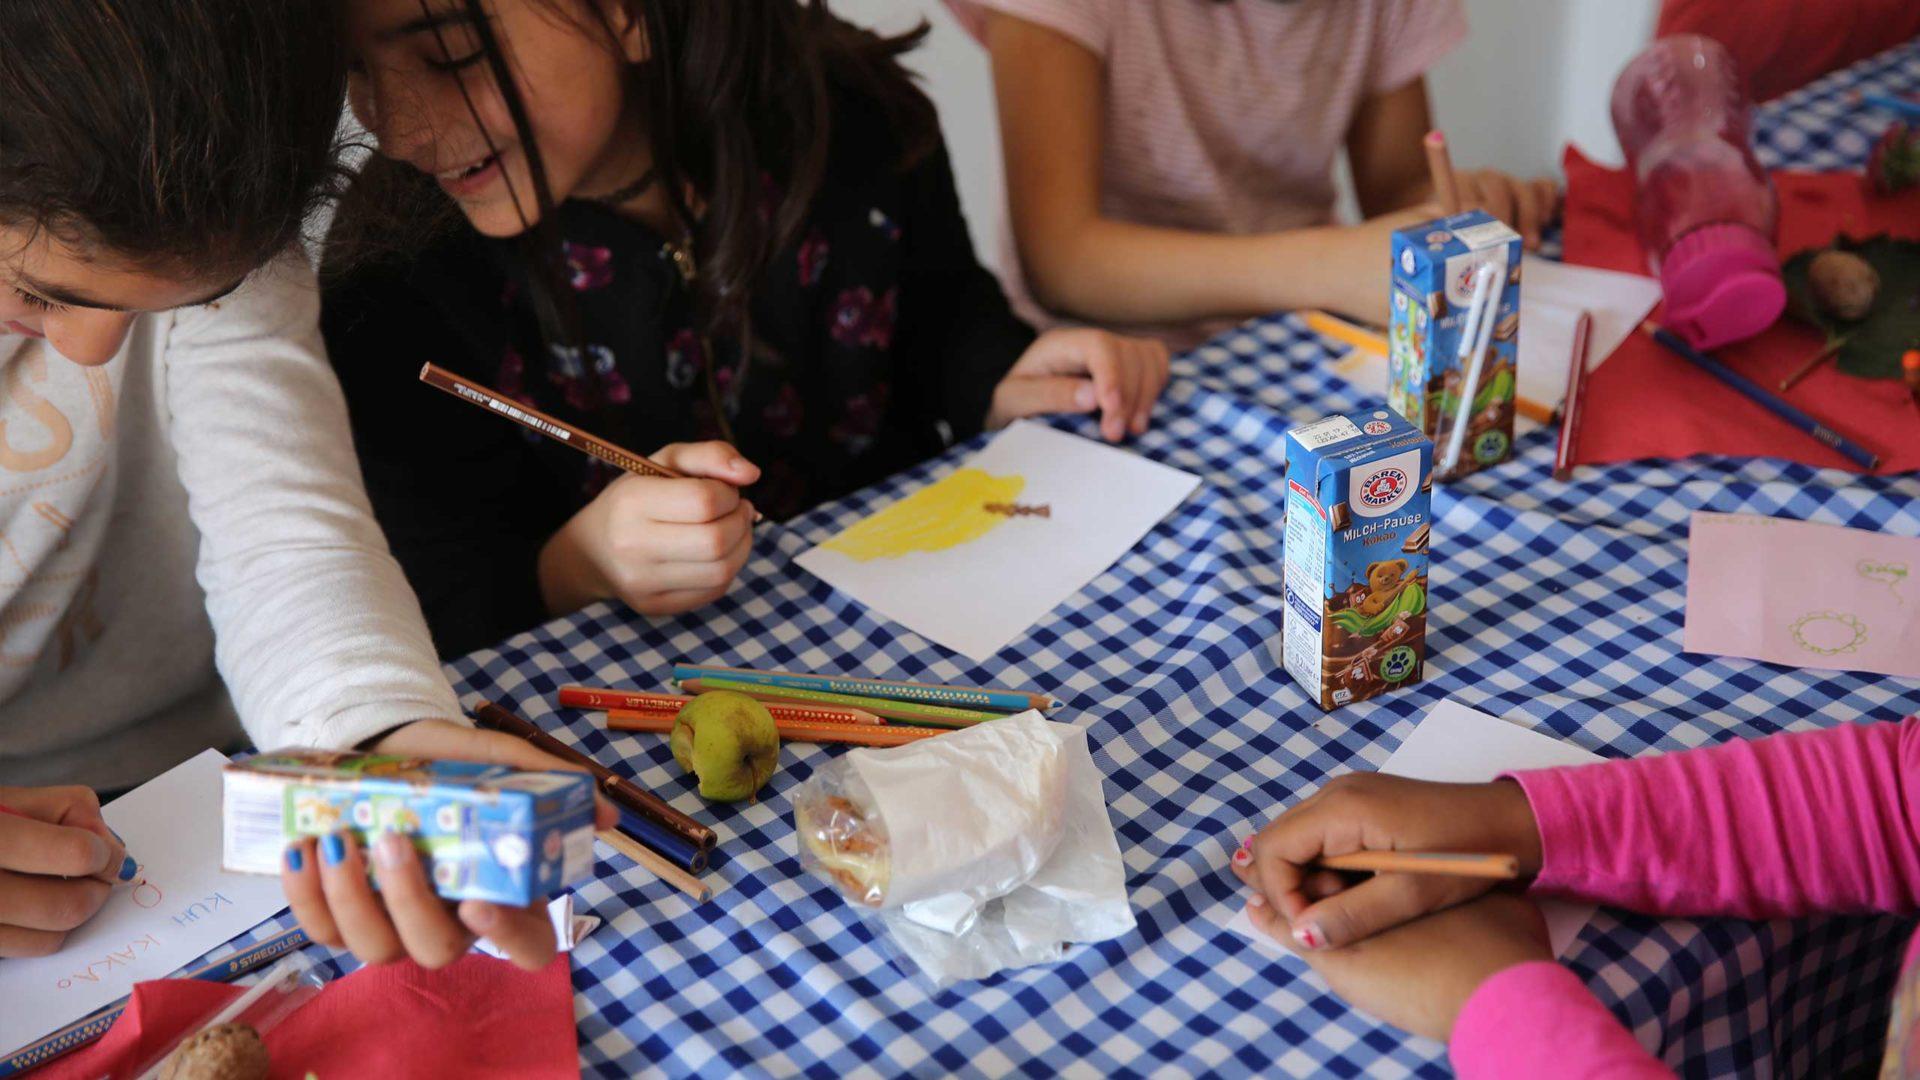 Aktion Mahlzeit auf dem Milchhof. Die Kinder dürfen ihre eigene Milchverpackung gestalten. und sind super kreativ unterwegs.